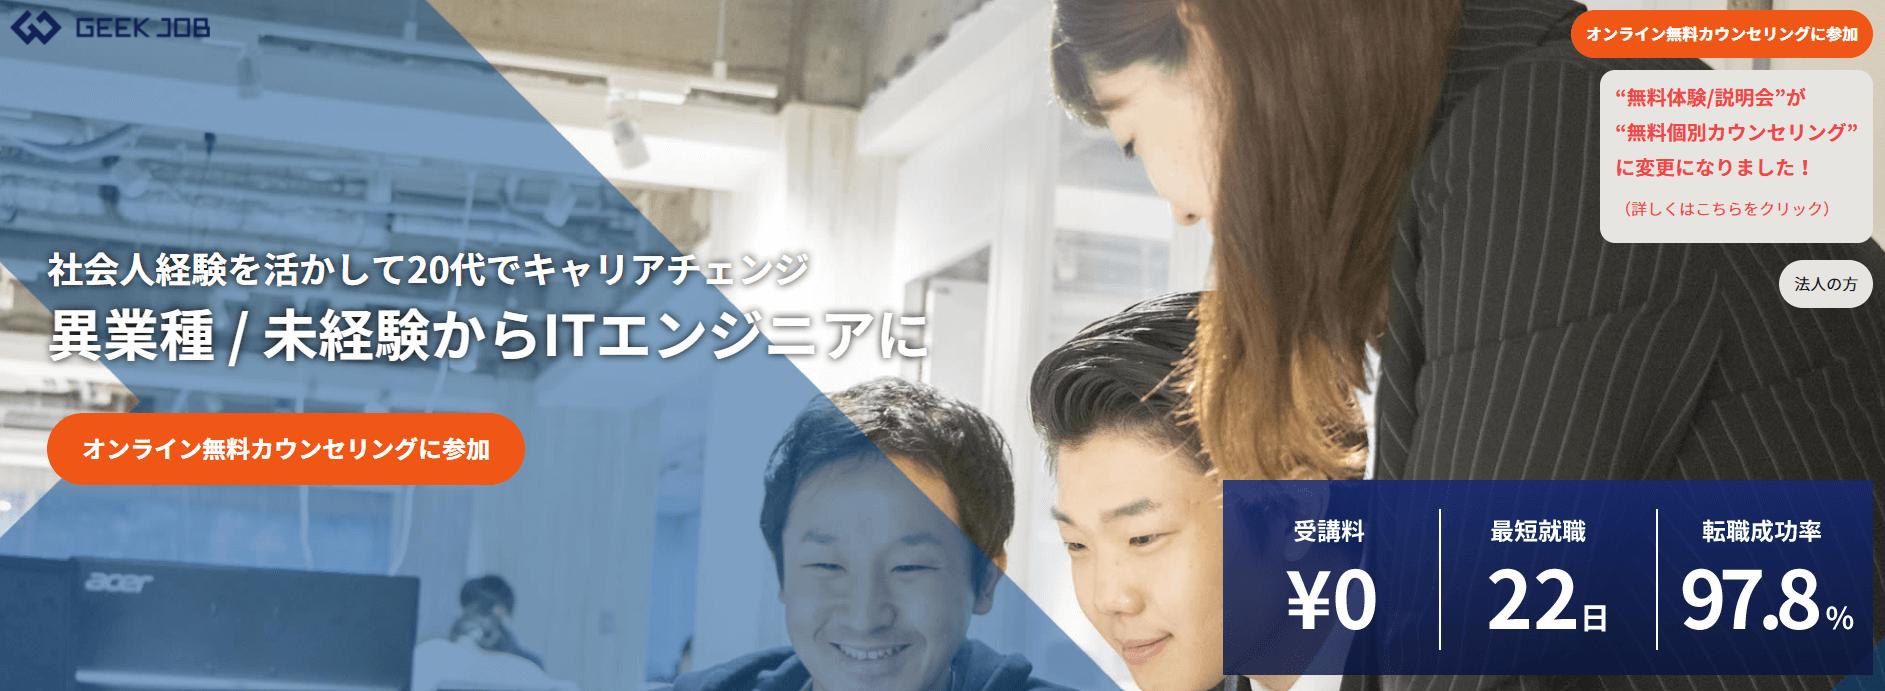 プログラミングスクール_安い_おすすめ_geek_job_ギークジョブ